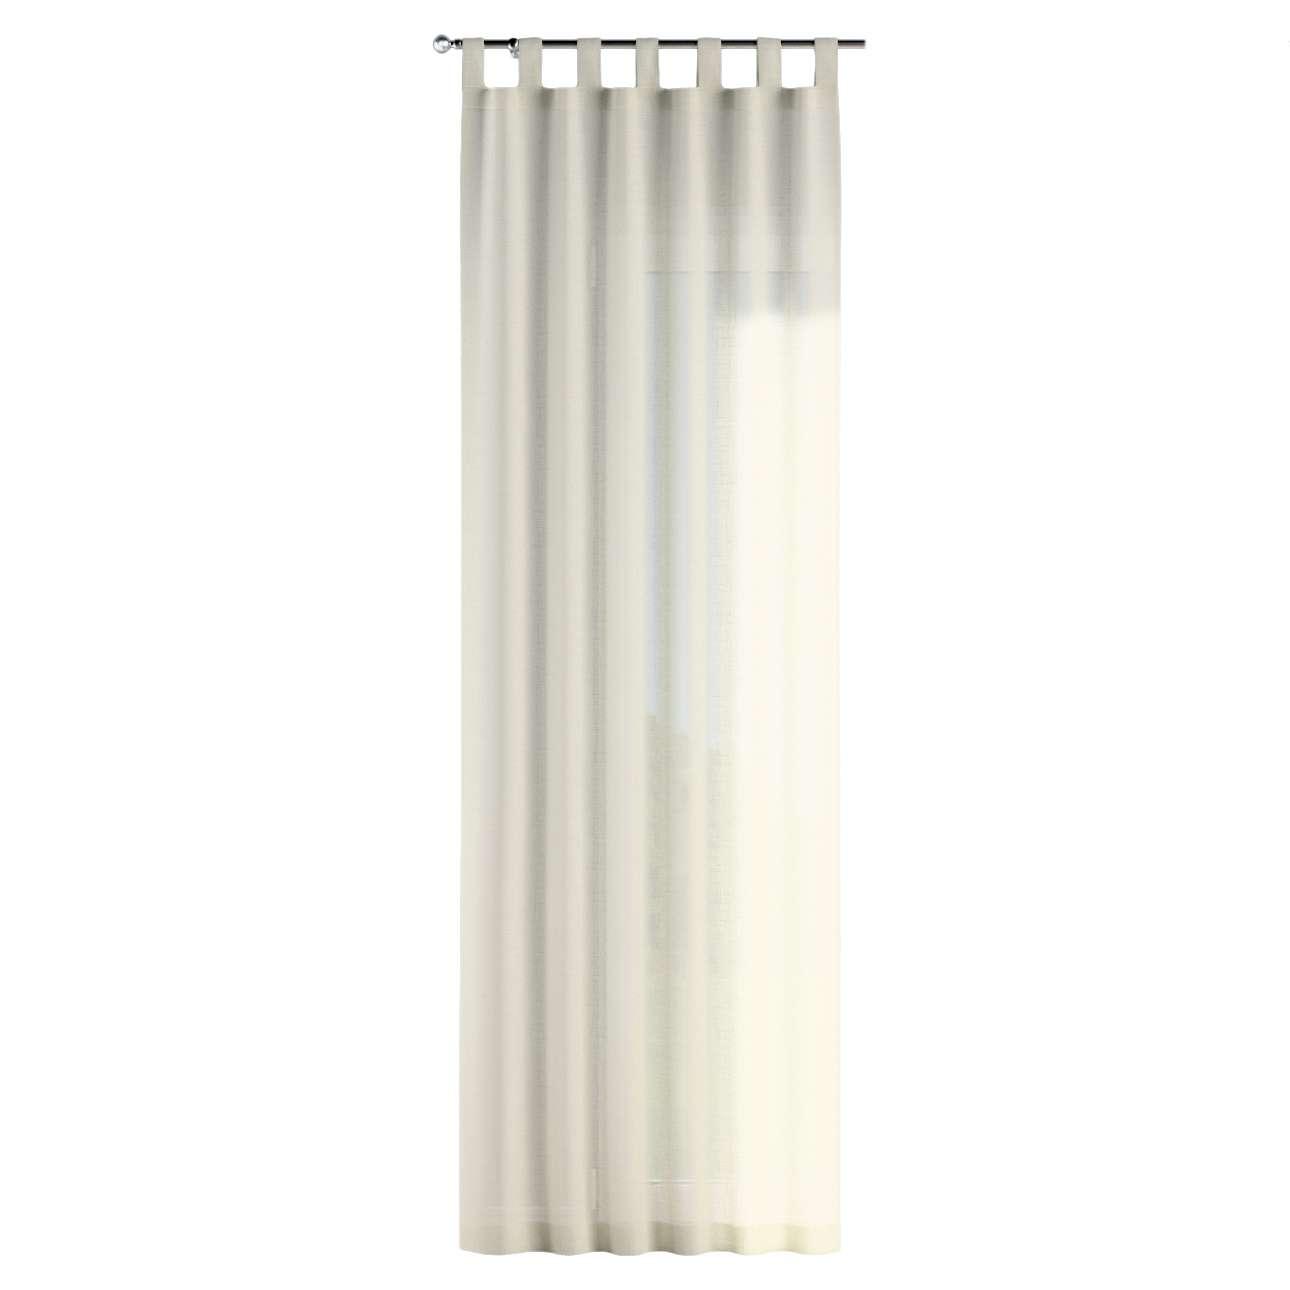 Zasłona na szelkach 1 szt. 1szt 130x260 cm w kolekcji Romantica, tkanina: 128-88